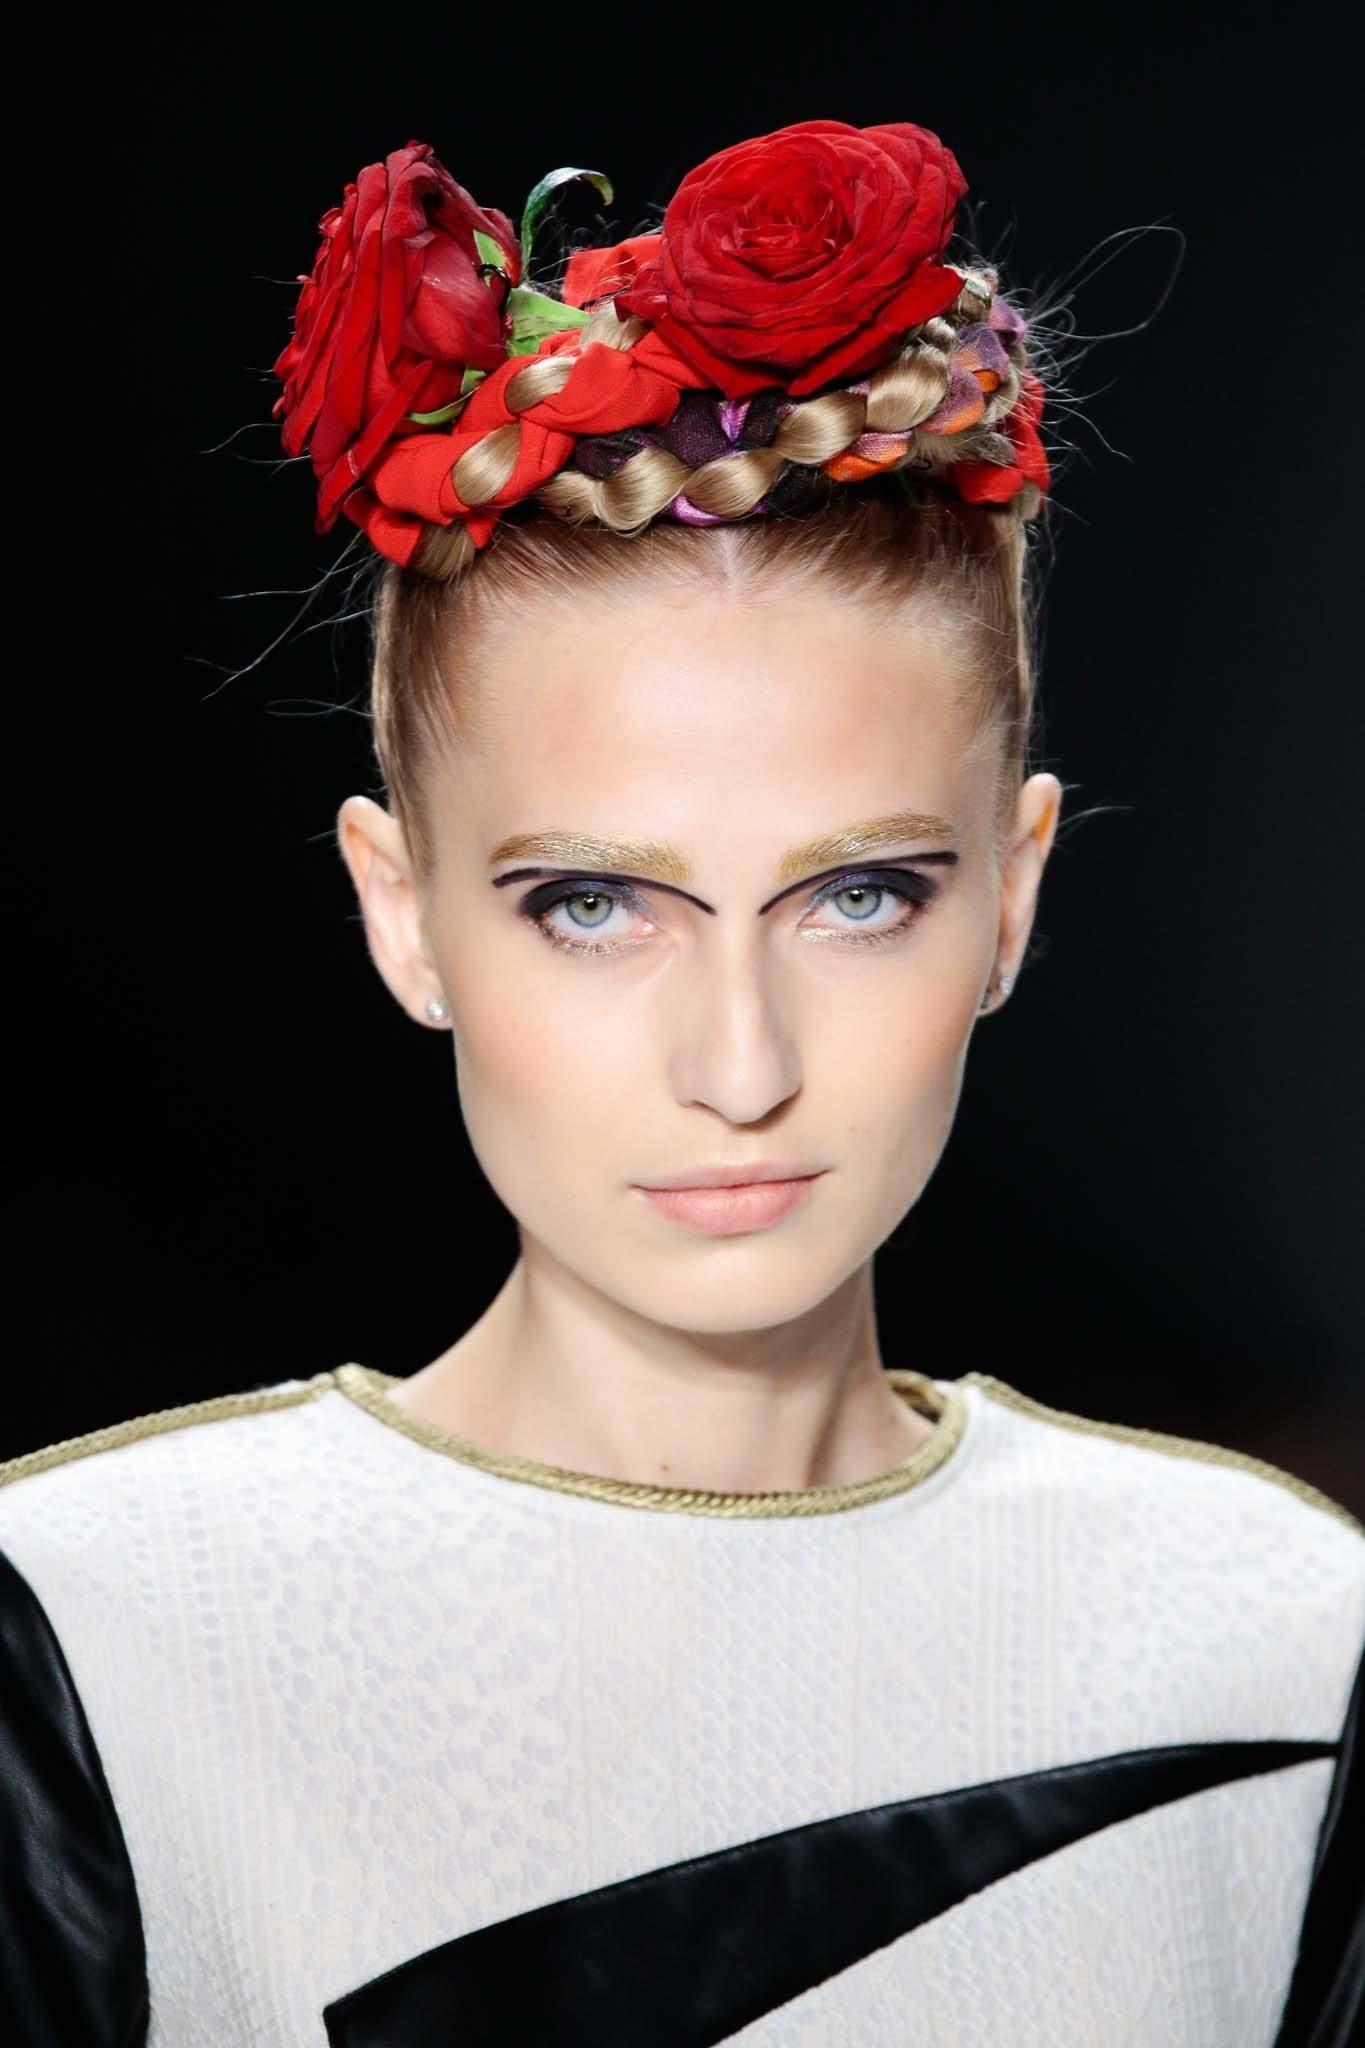 Mujer de cabello rubio peinado tirante hacia atrás con rodete formado por trenzas y rosas rojas